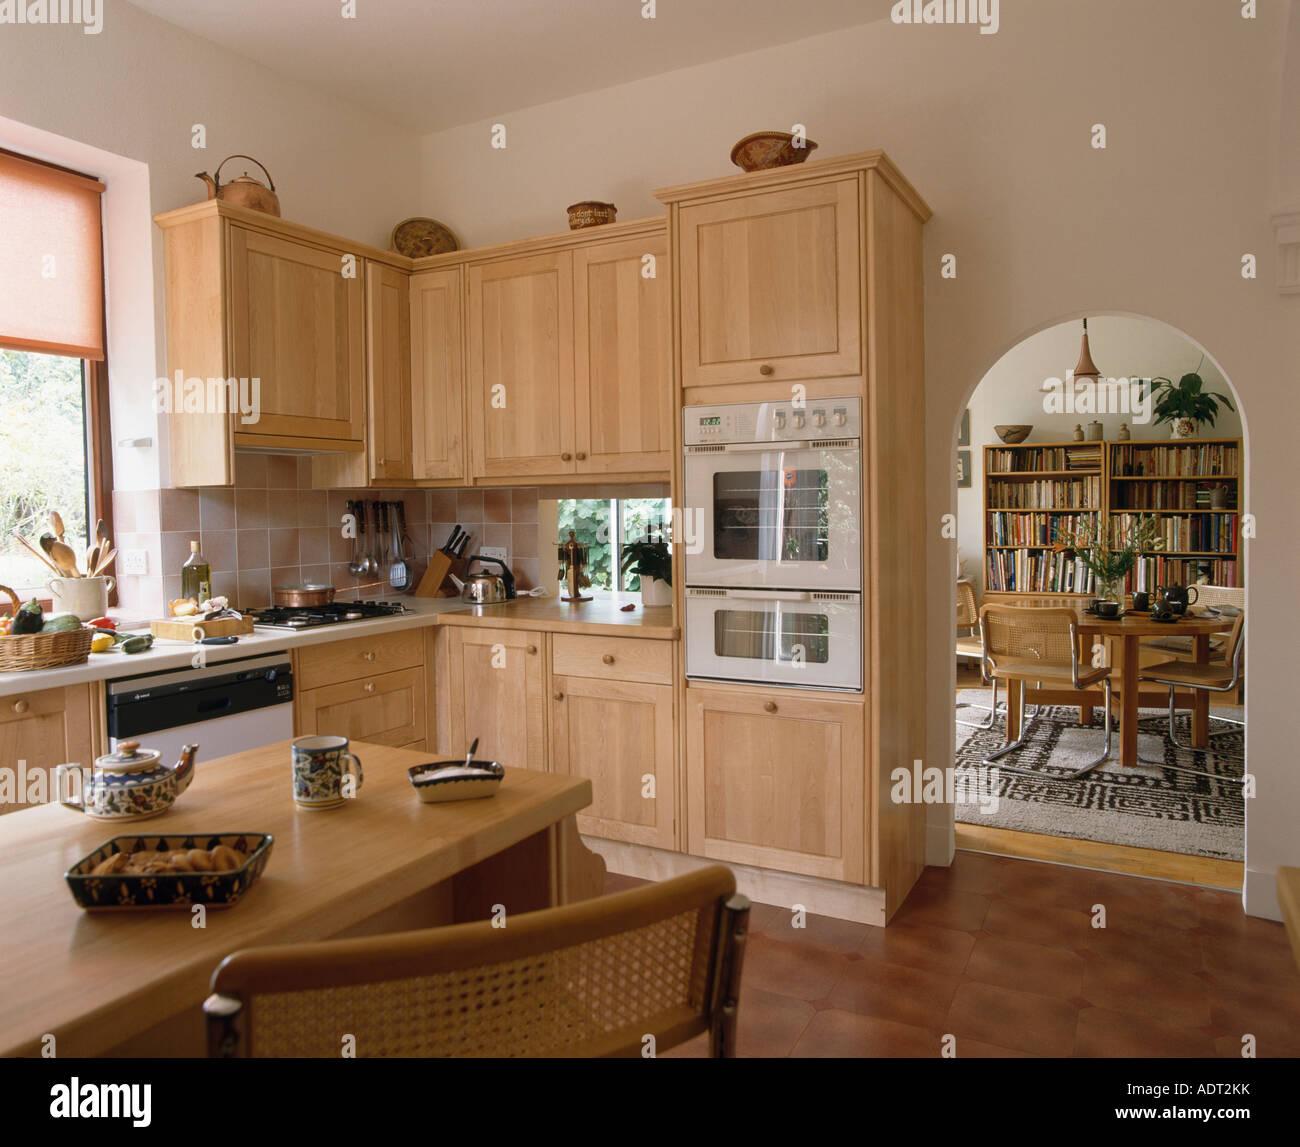 Legno chiaro di unità negli ottanta cucina con arco nella ...